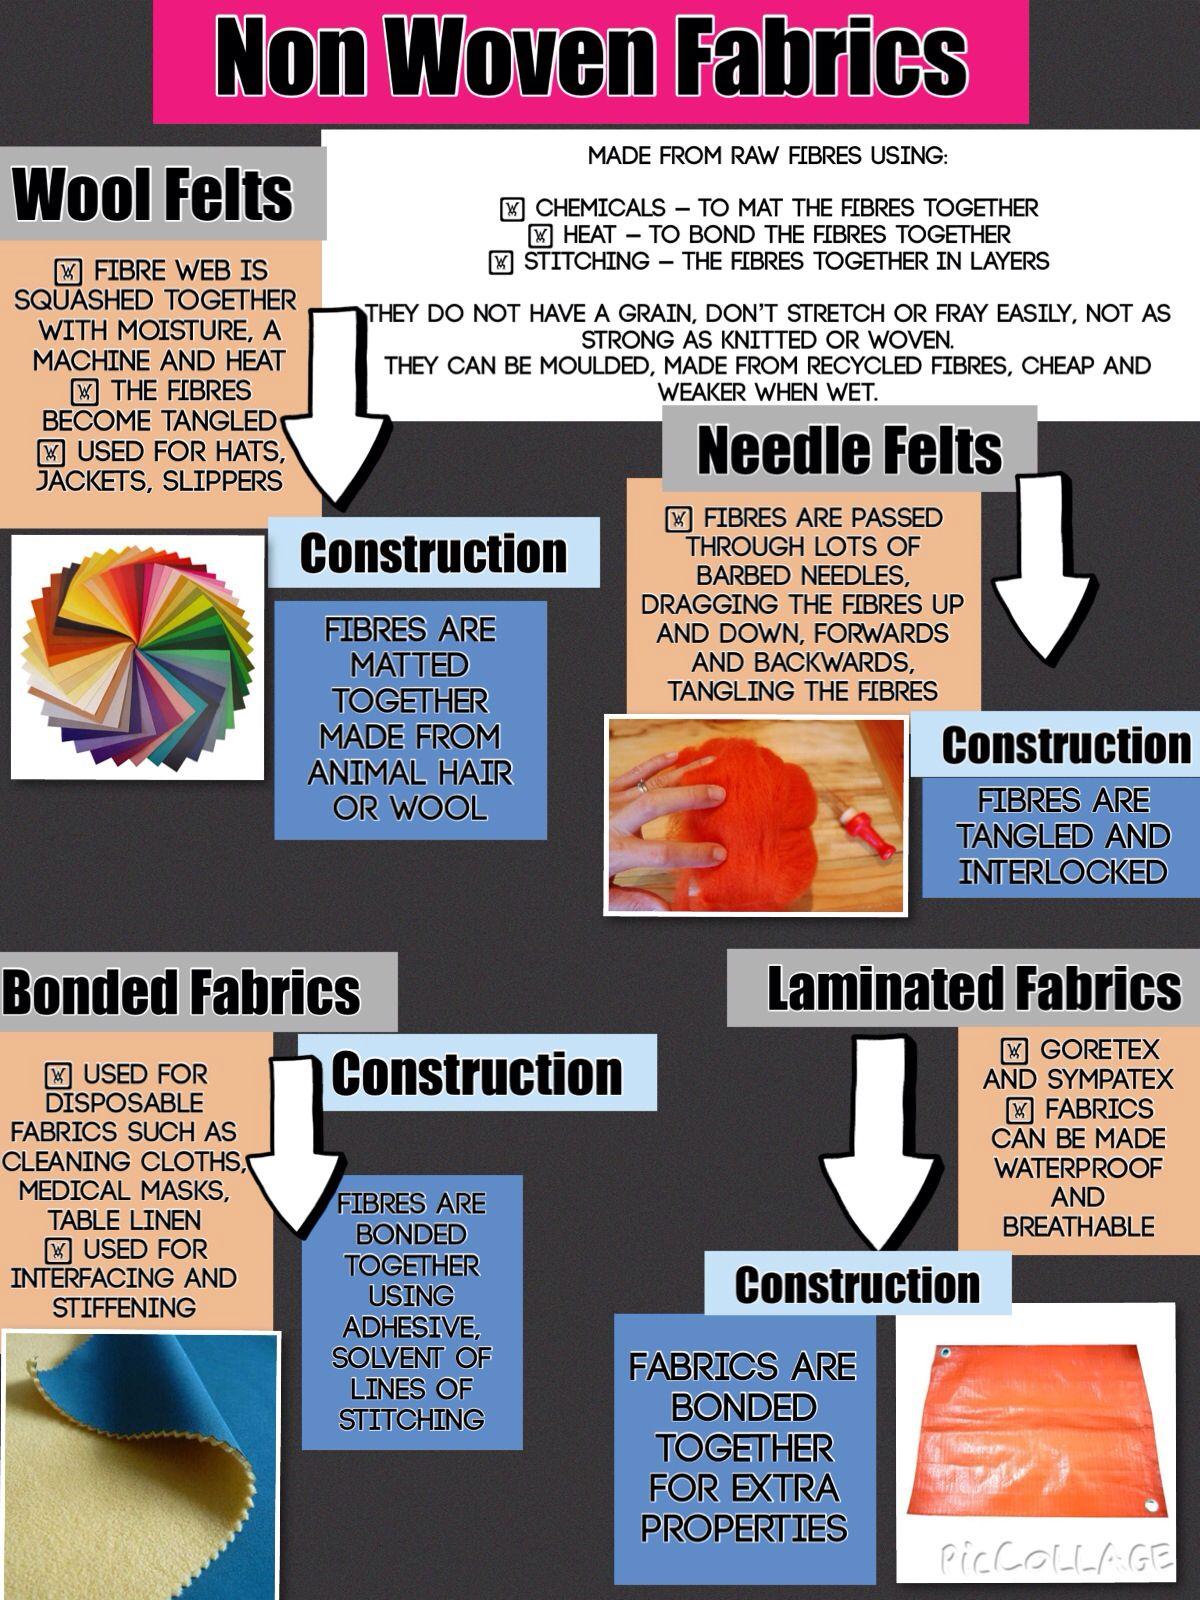 Non Woven Fabrics Description Teaching Resources